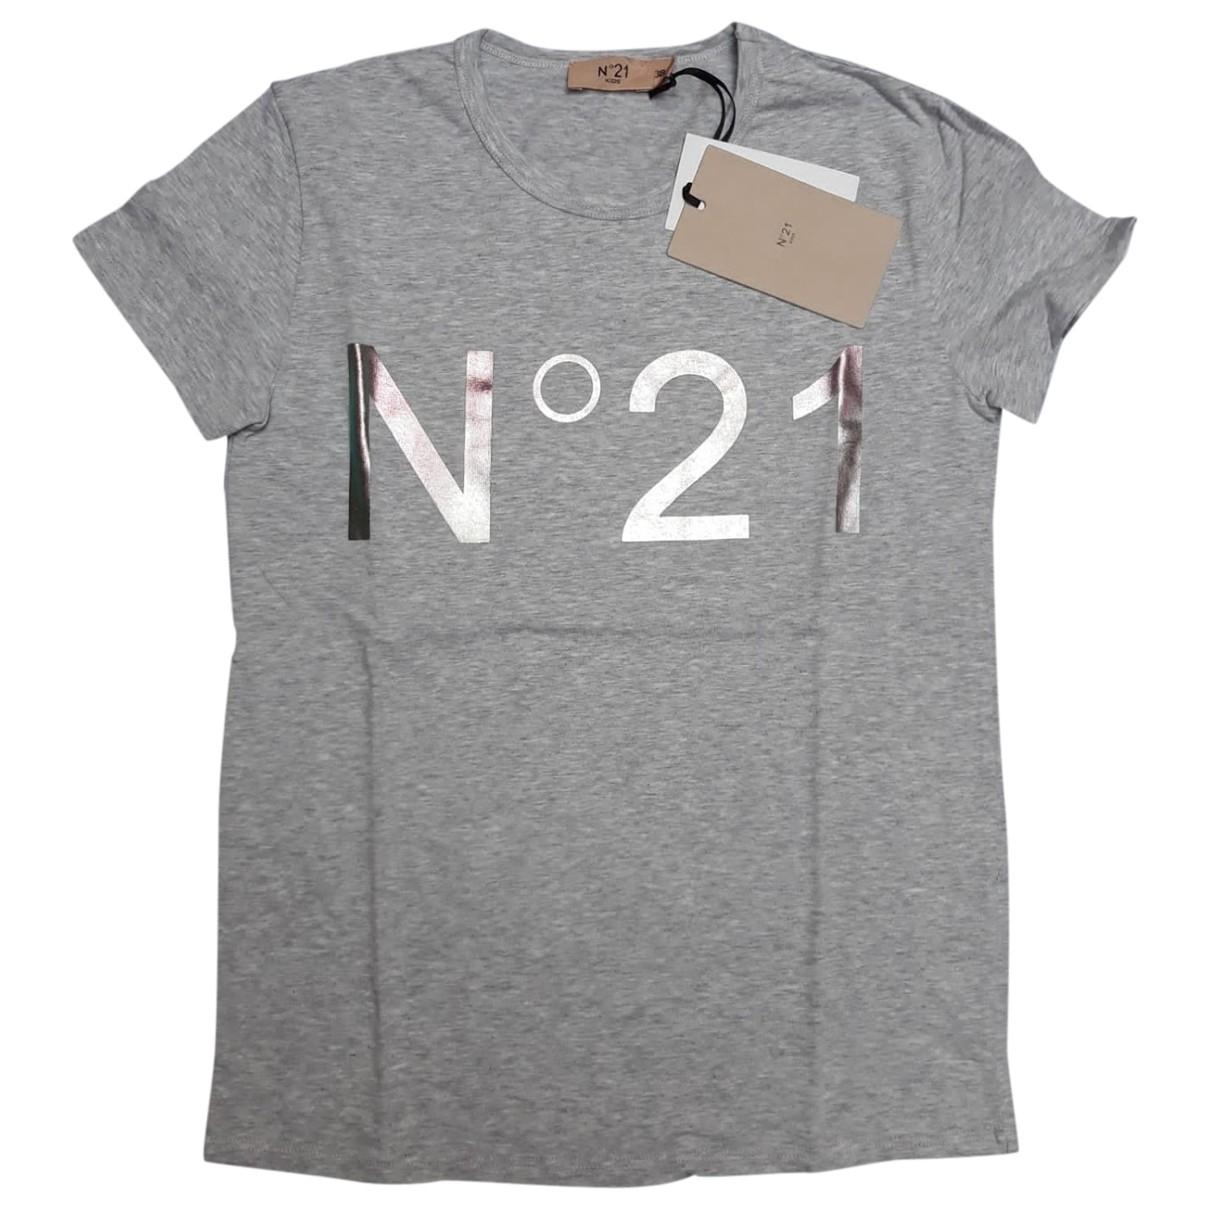 N°21 - Top   pour enfant en coton - gris